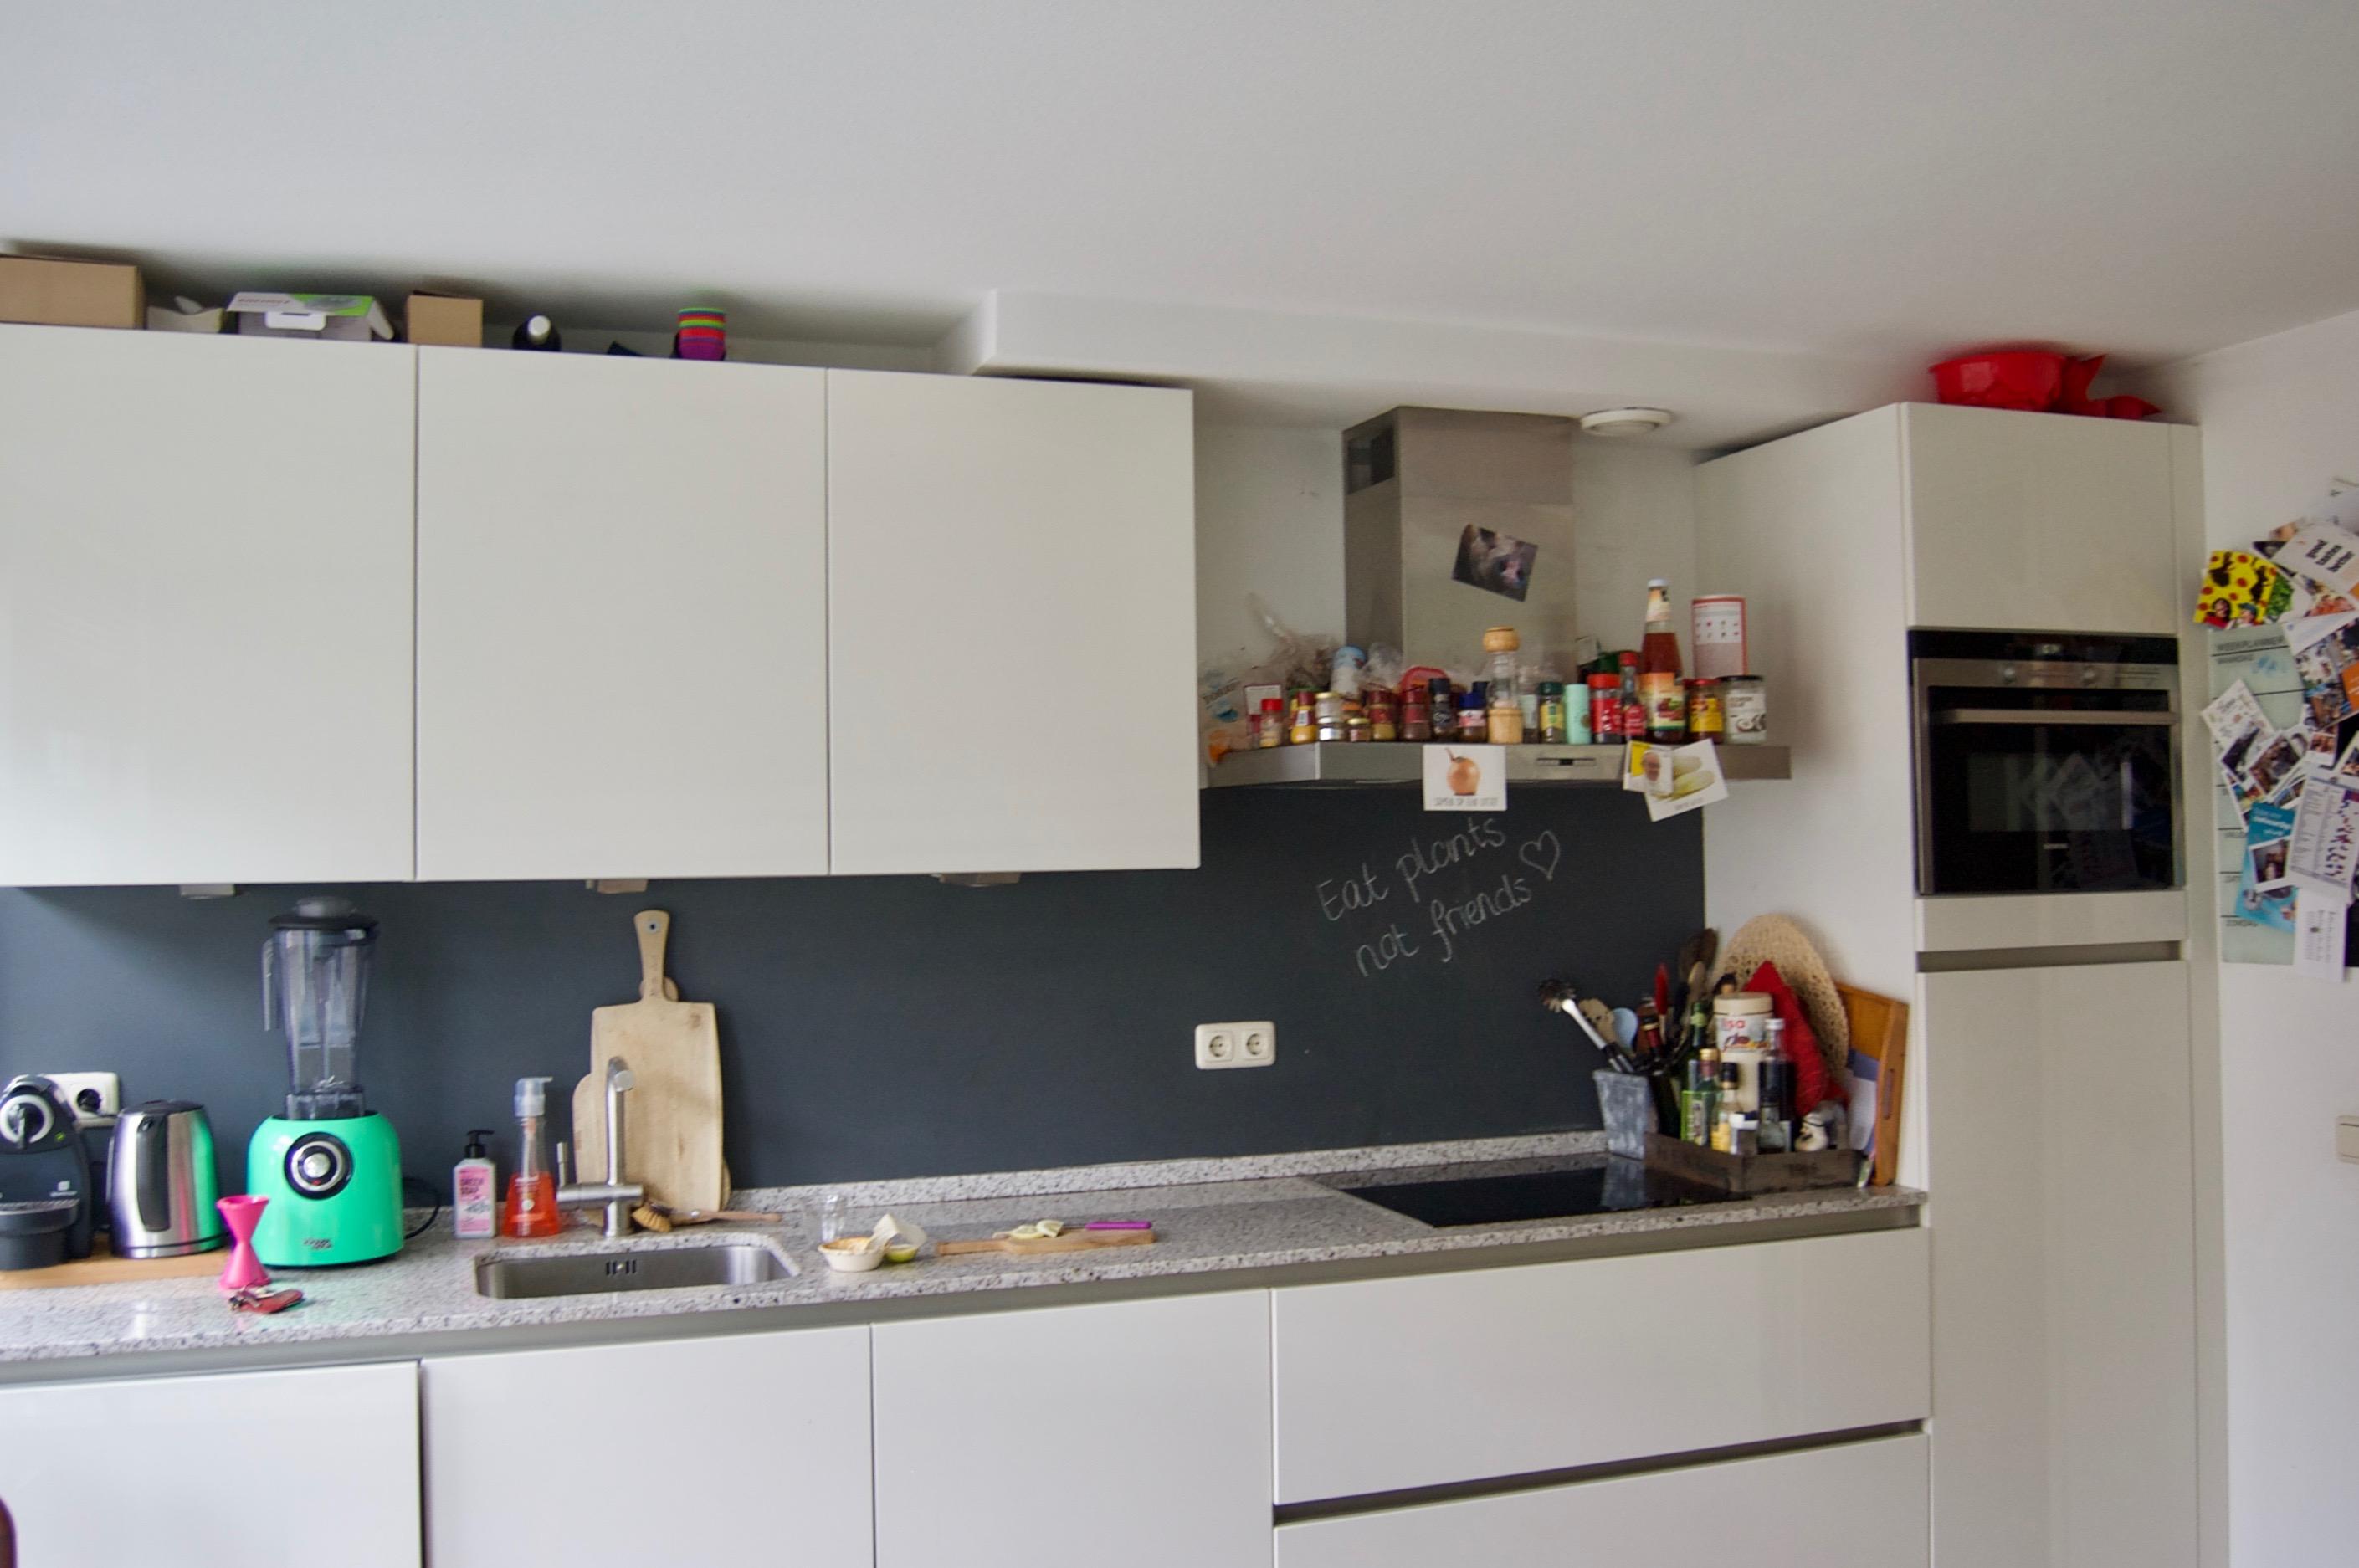 een kijkje in de keuken van lisa goes vegan9